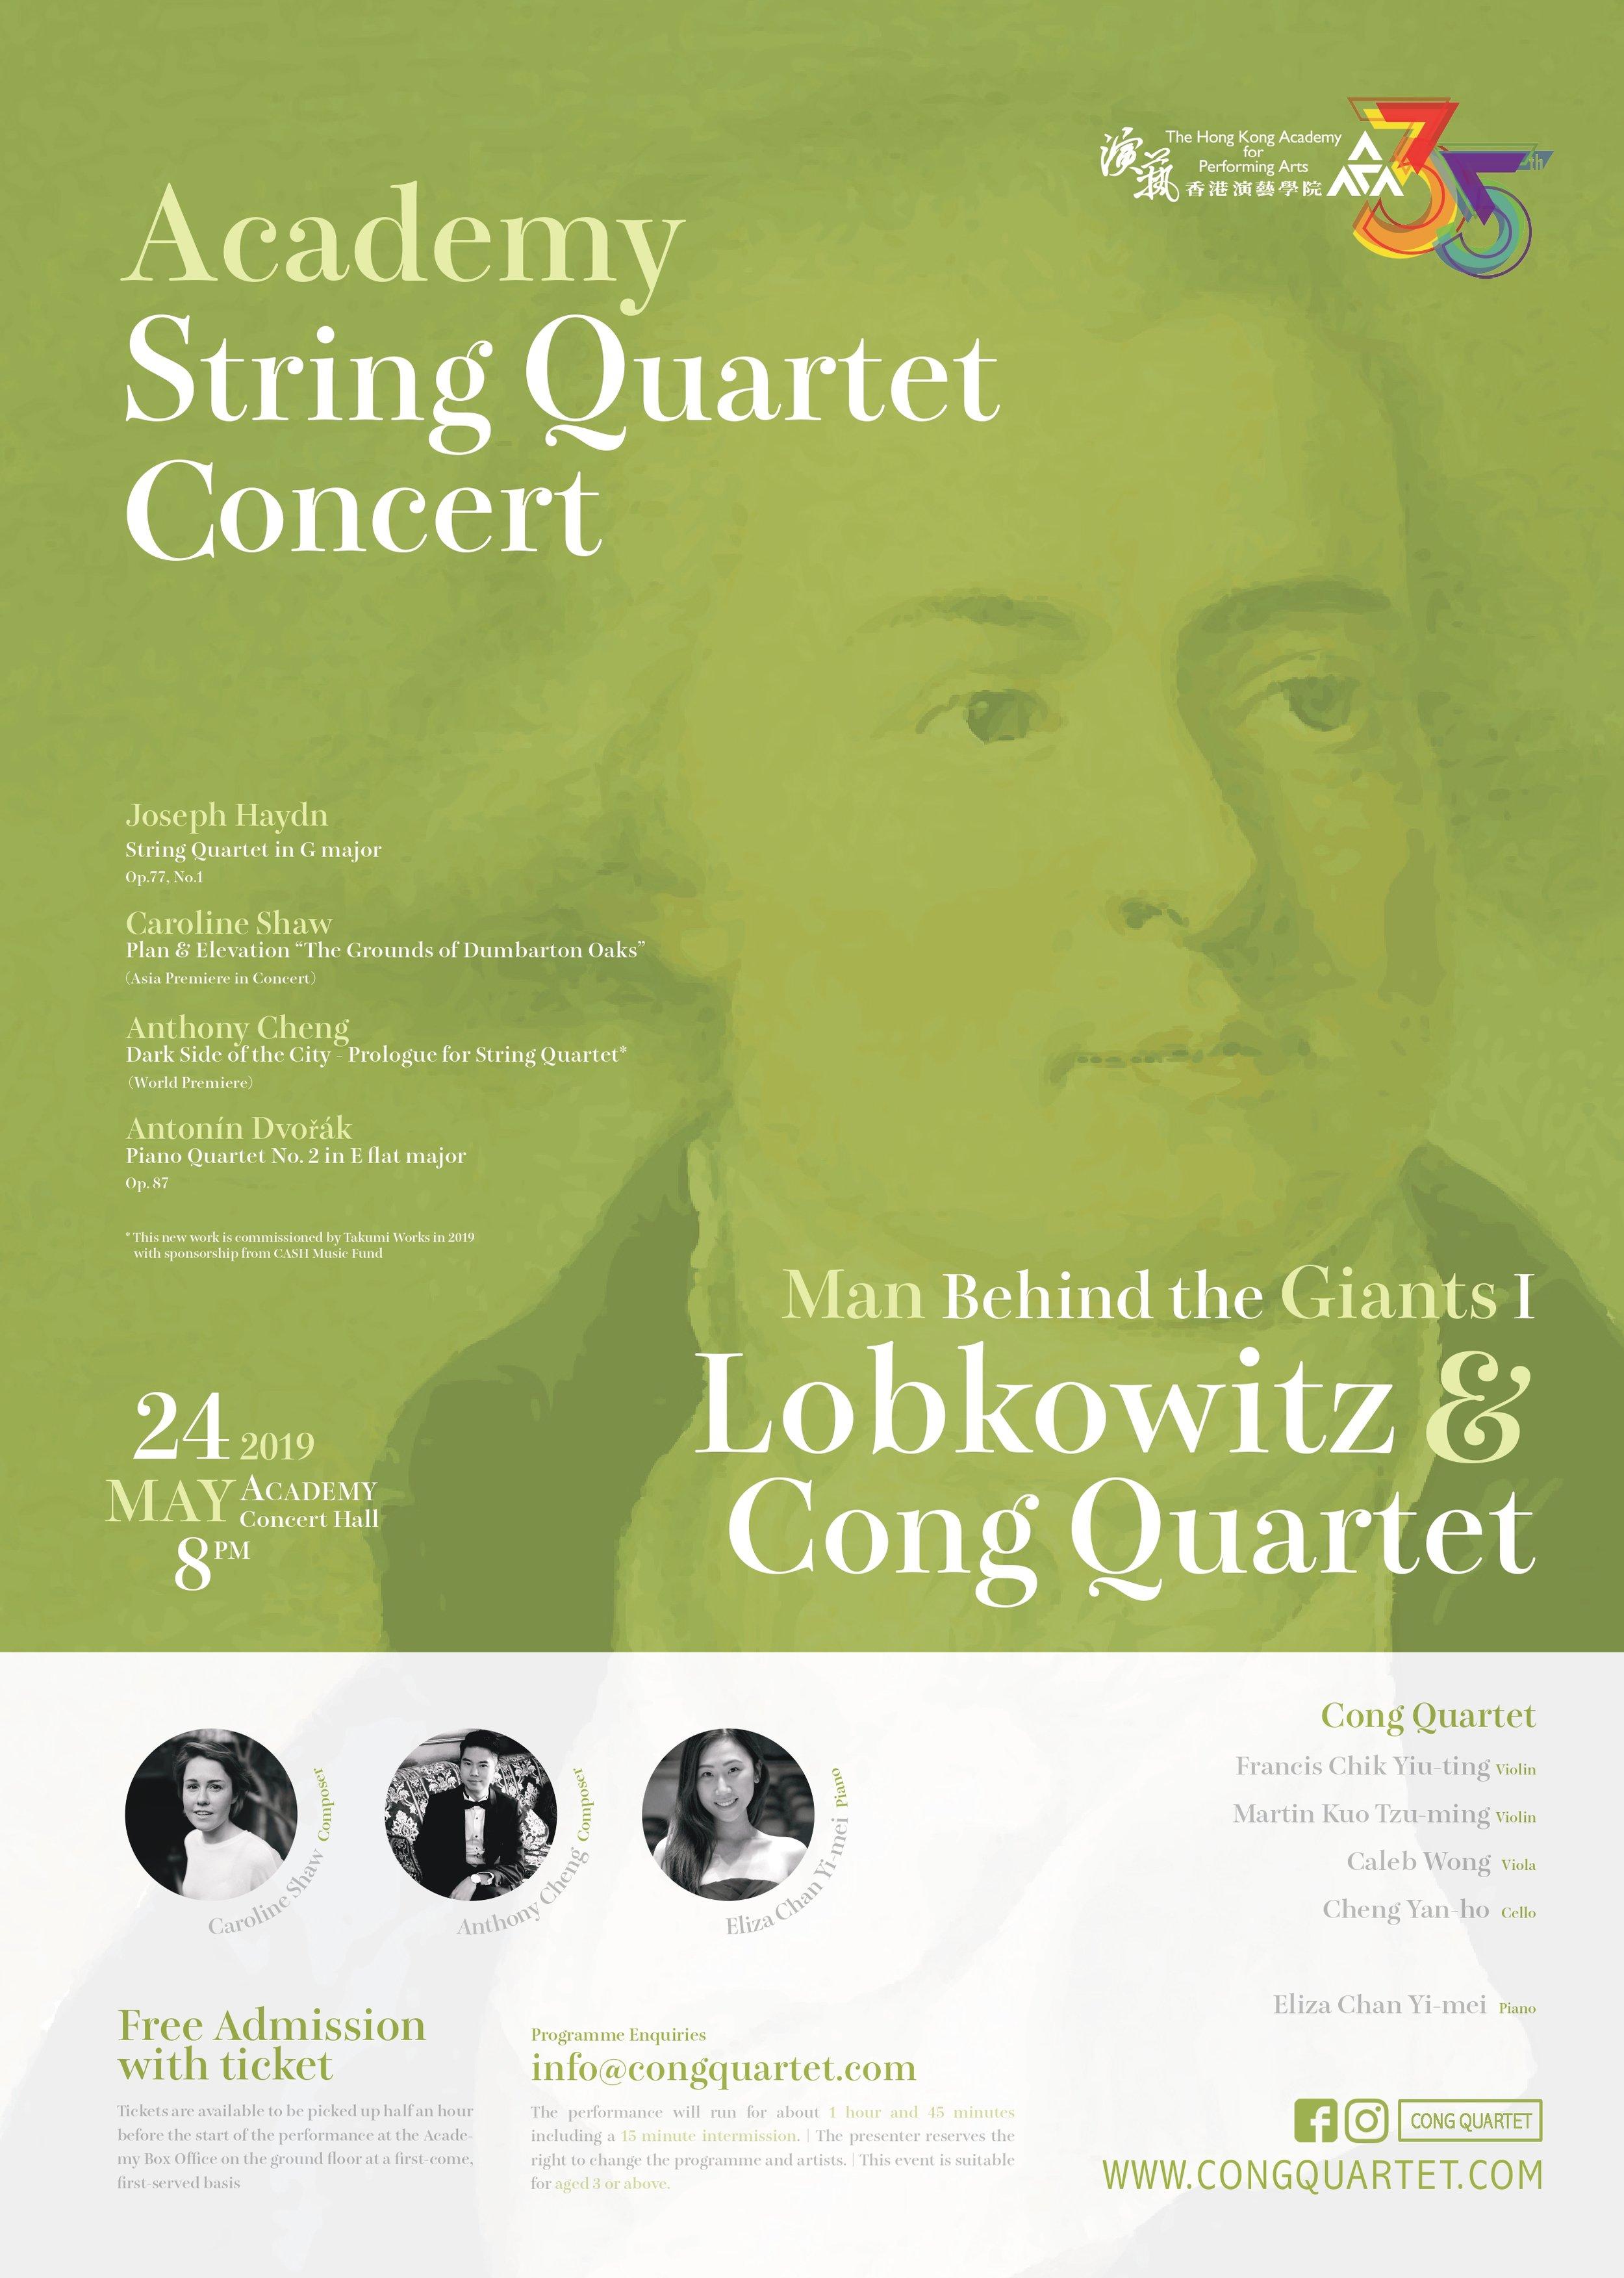 Cong-Quartet-Giant-1.jpg.jpg